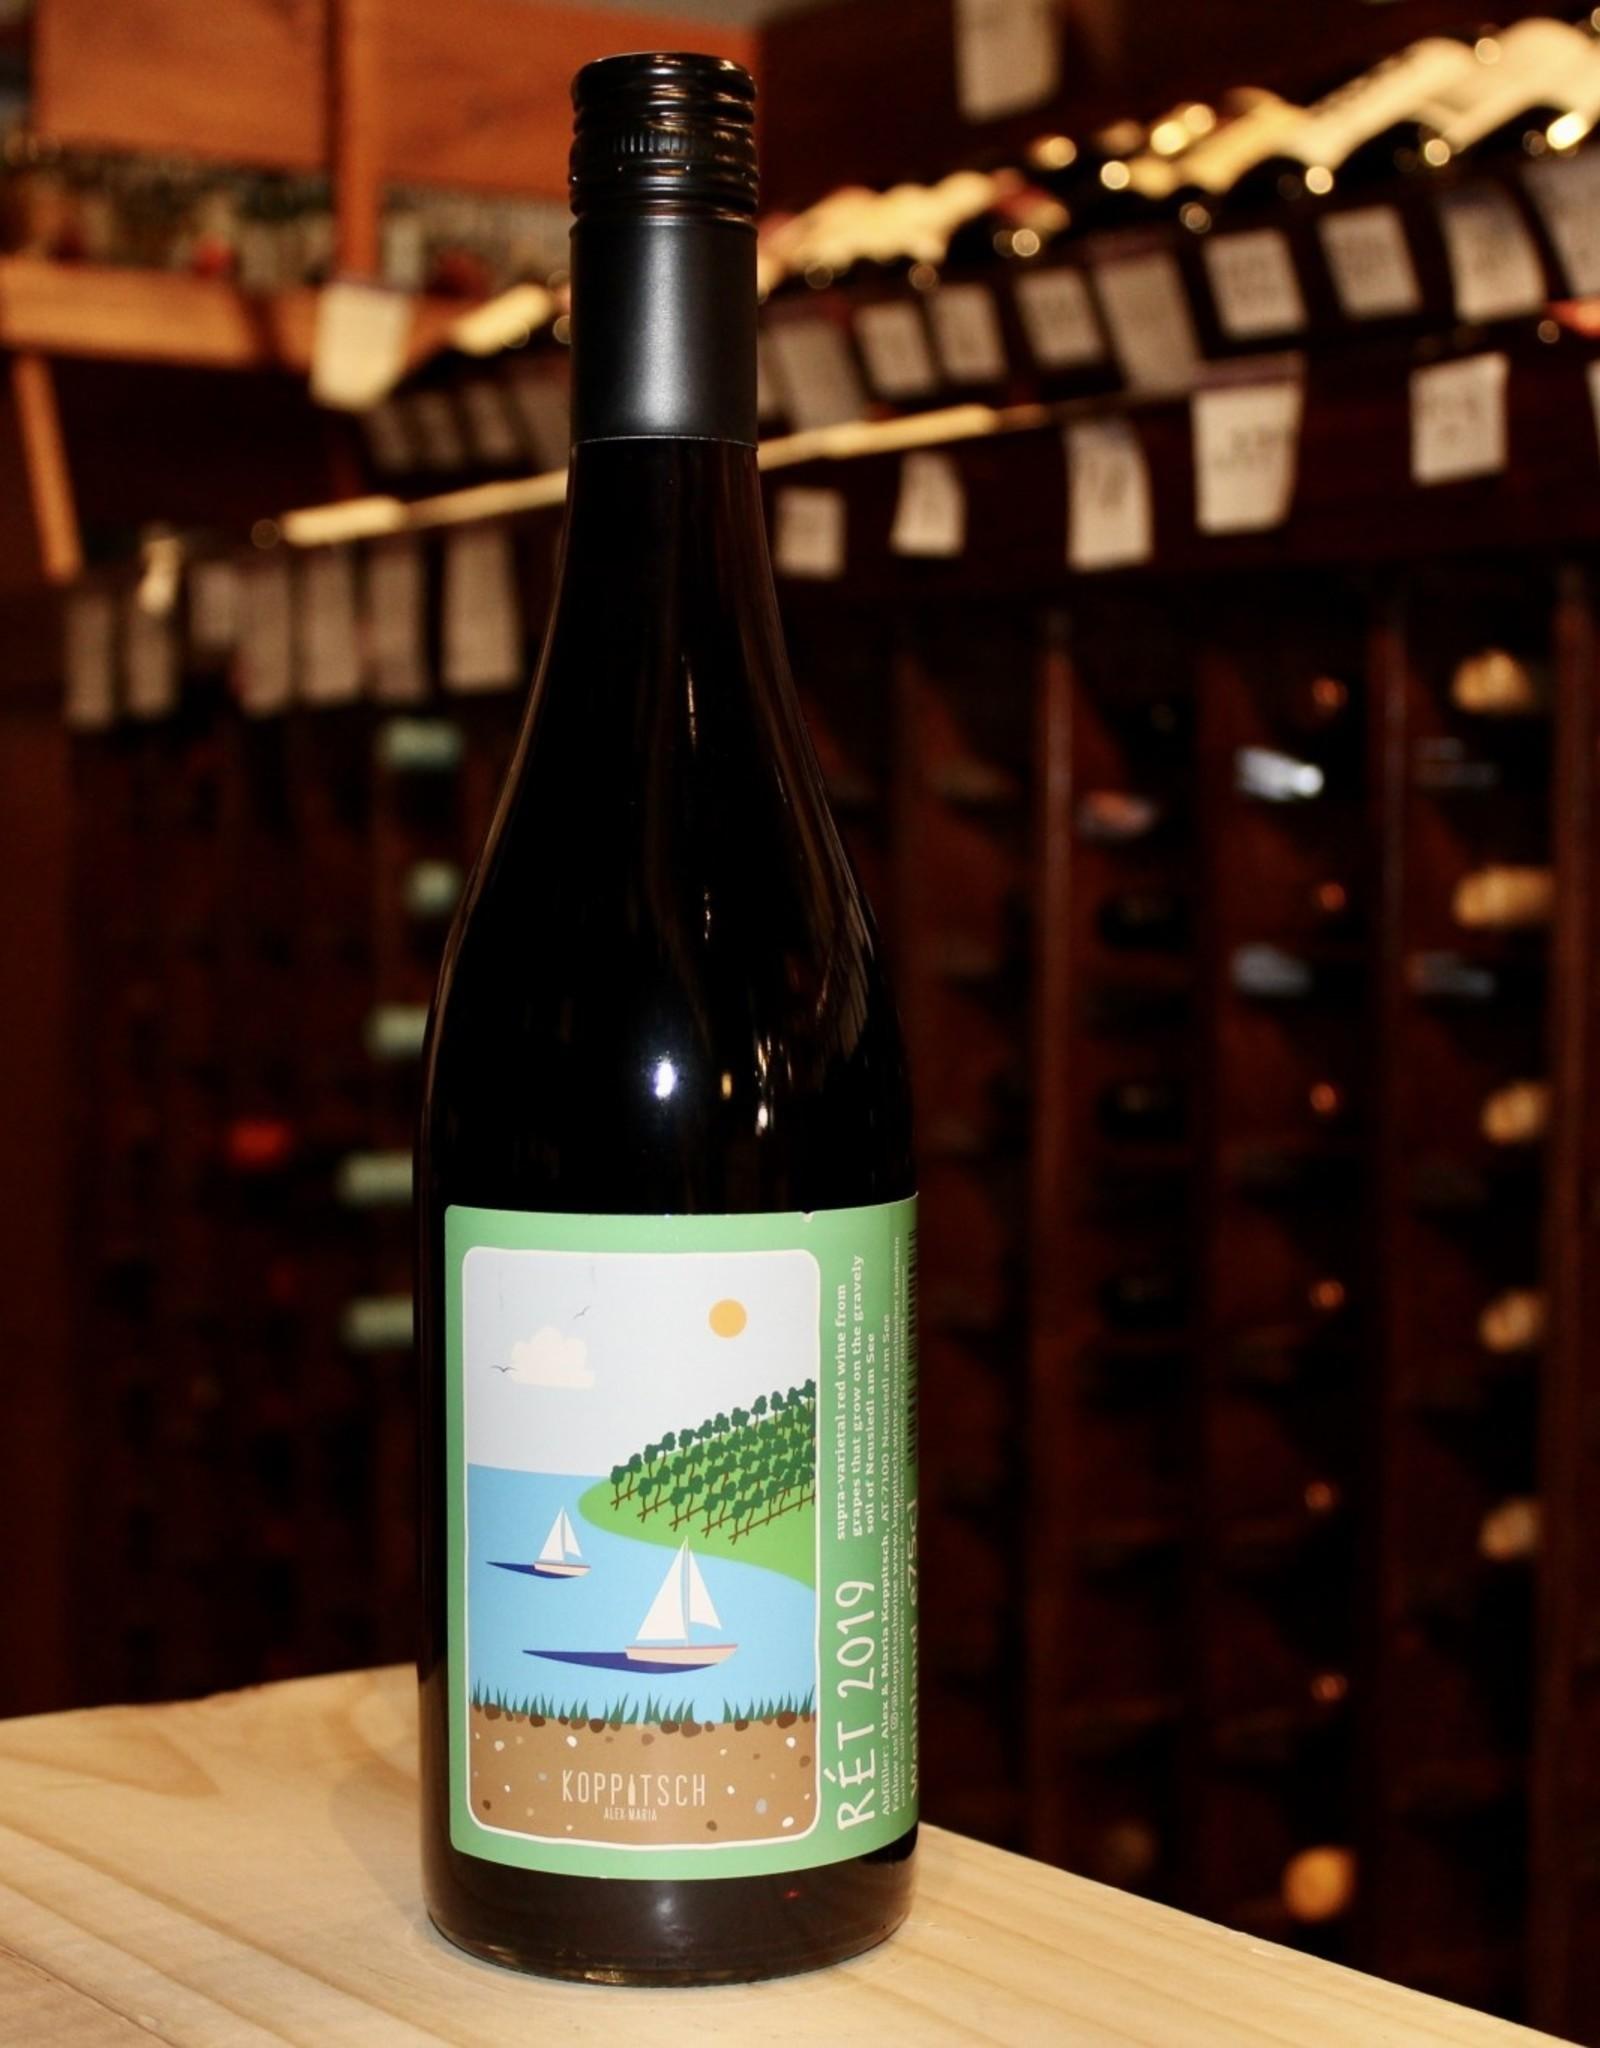 Wine 2019 Alexander Koppitsch Ret - Burgenland, Austria (750ml)